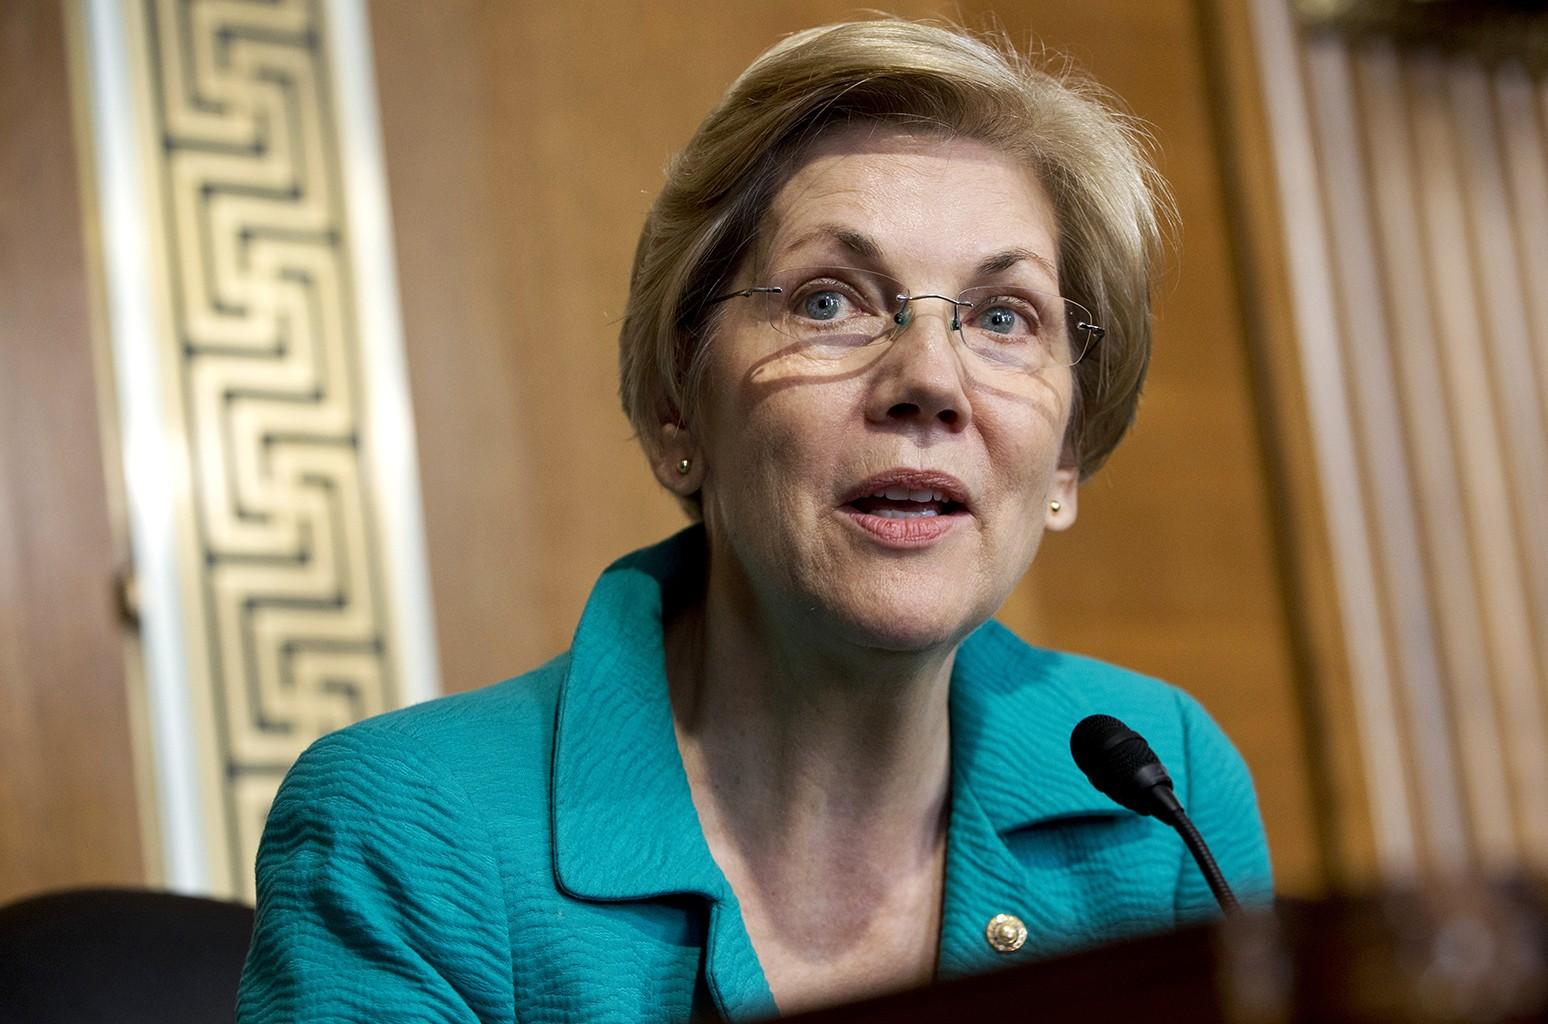 Sen. Elizabeth Warren photographed in 2015